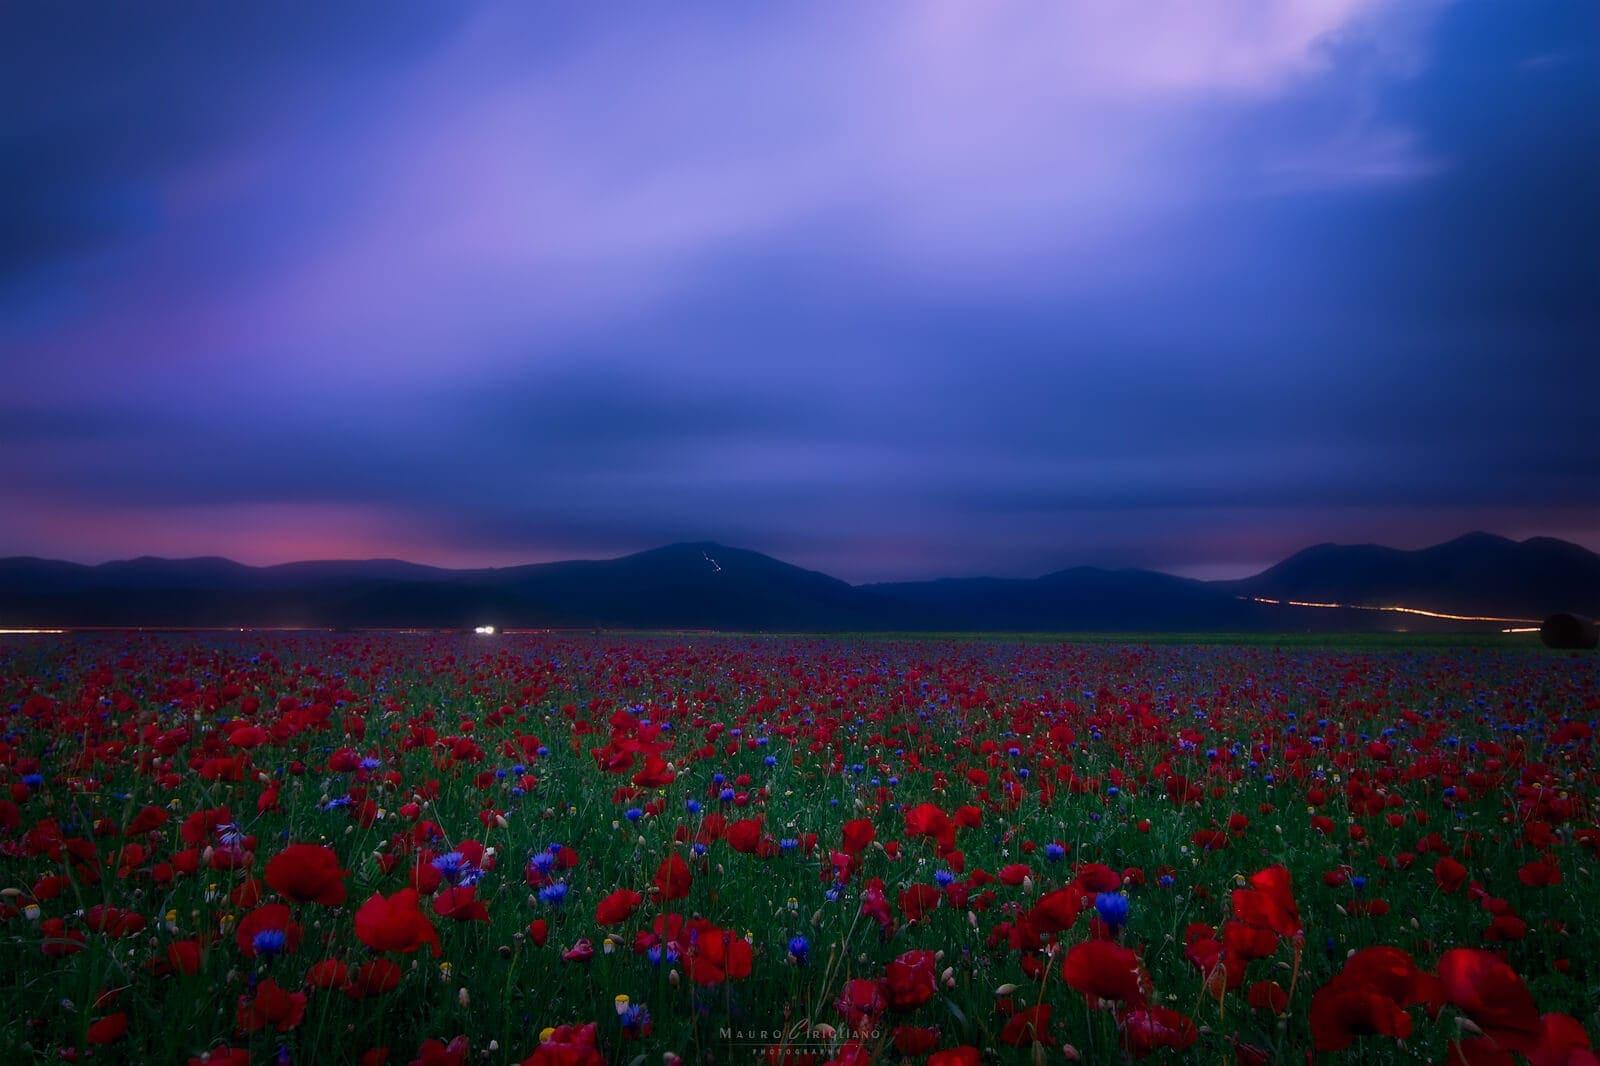 poppy field with cloudy sky